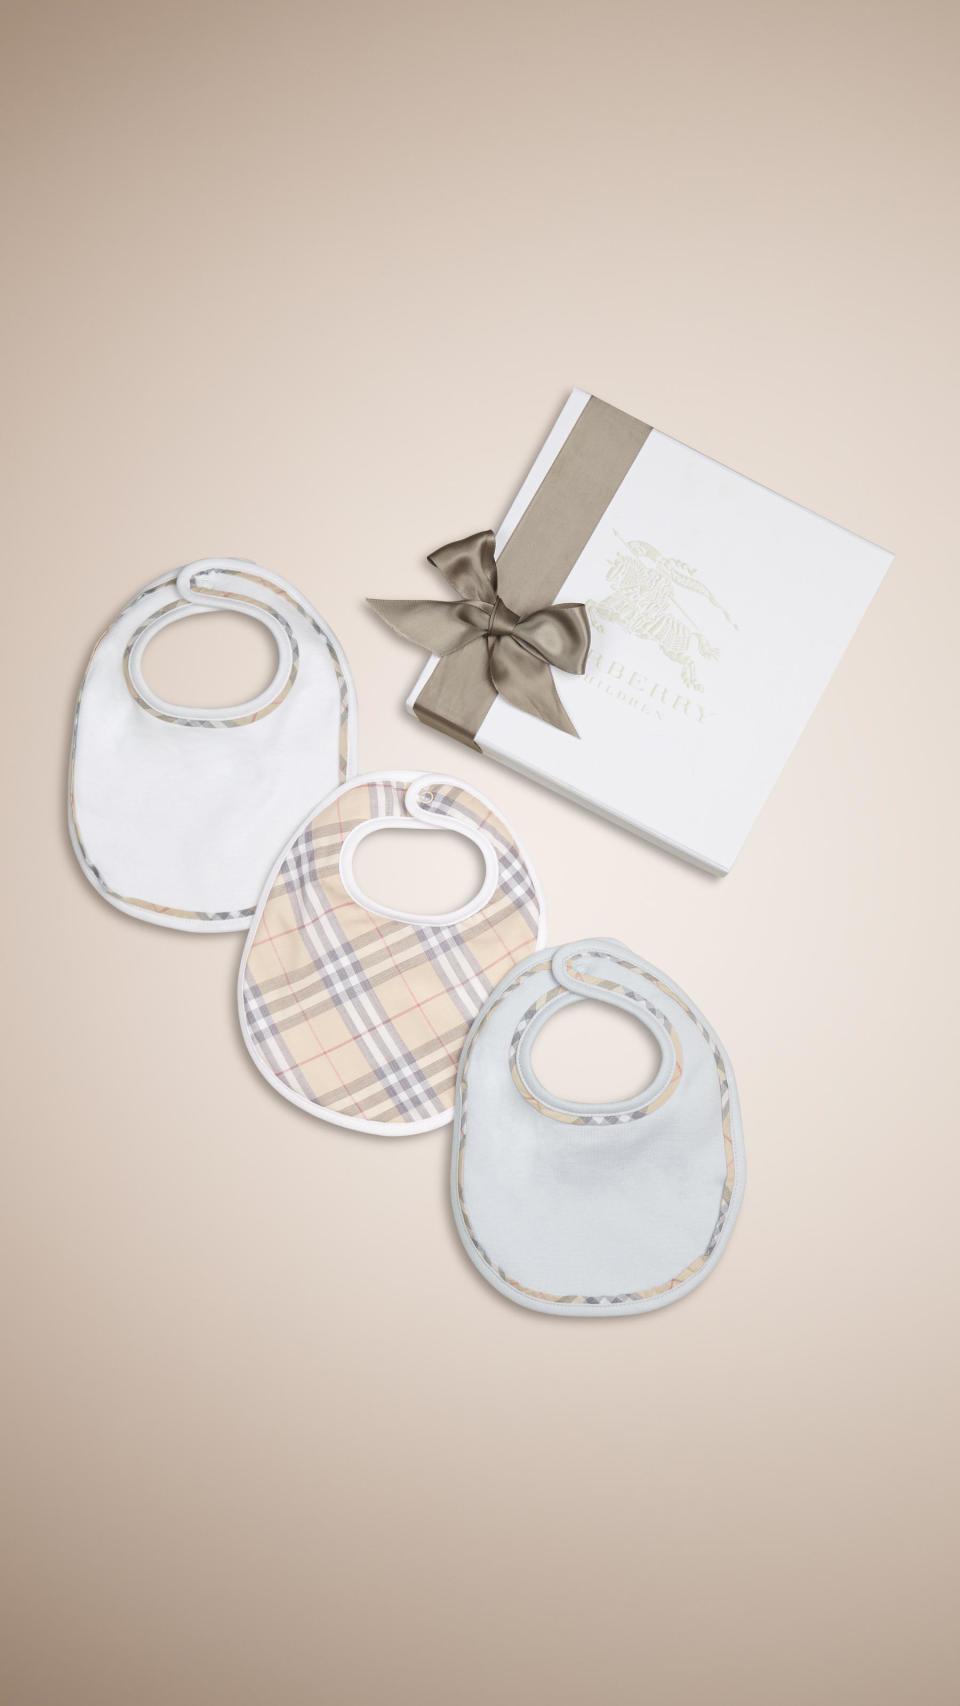 センスが試される「上司への出産祝い」:周りと差がつく5つの厳選プレゼント 2番目の画像